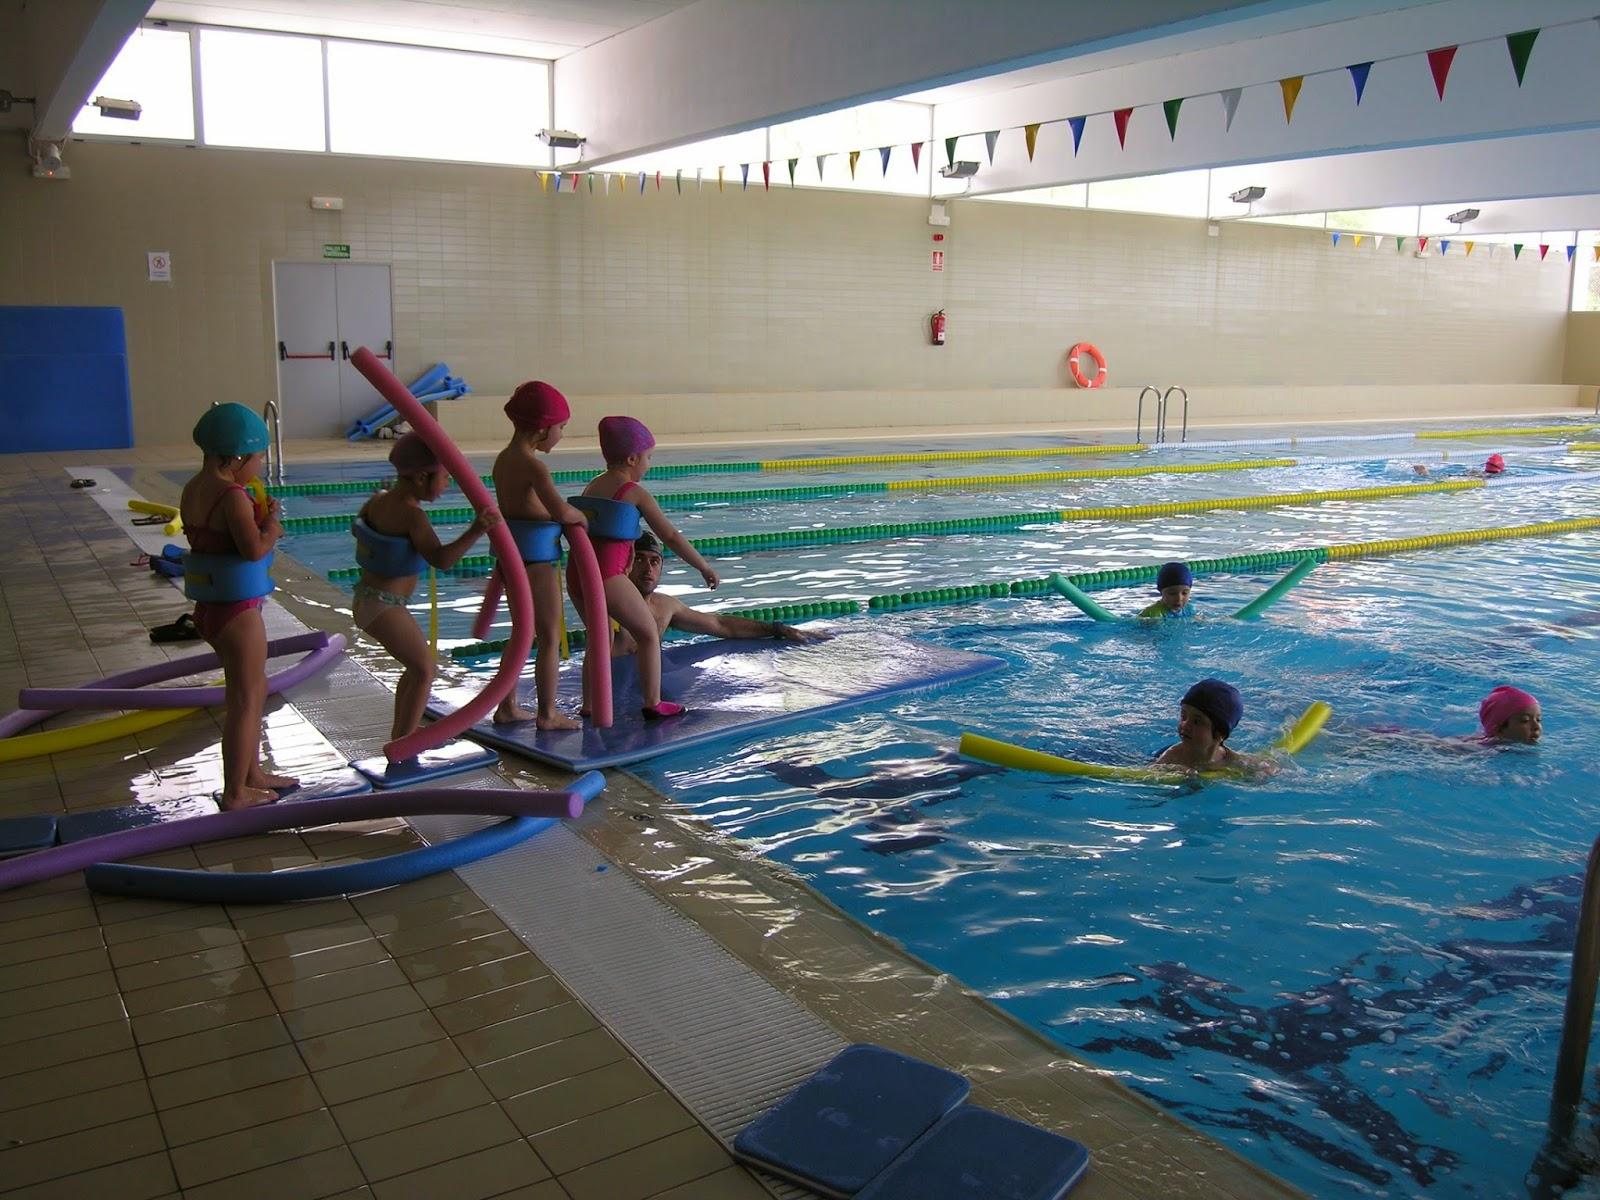 Los cursos de nataci n de la piscina cubierta encaran la for Piscinas merino